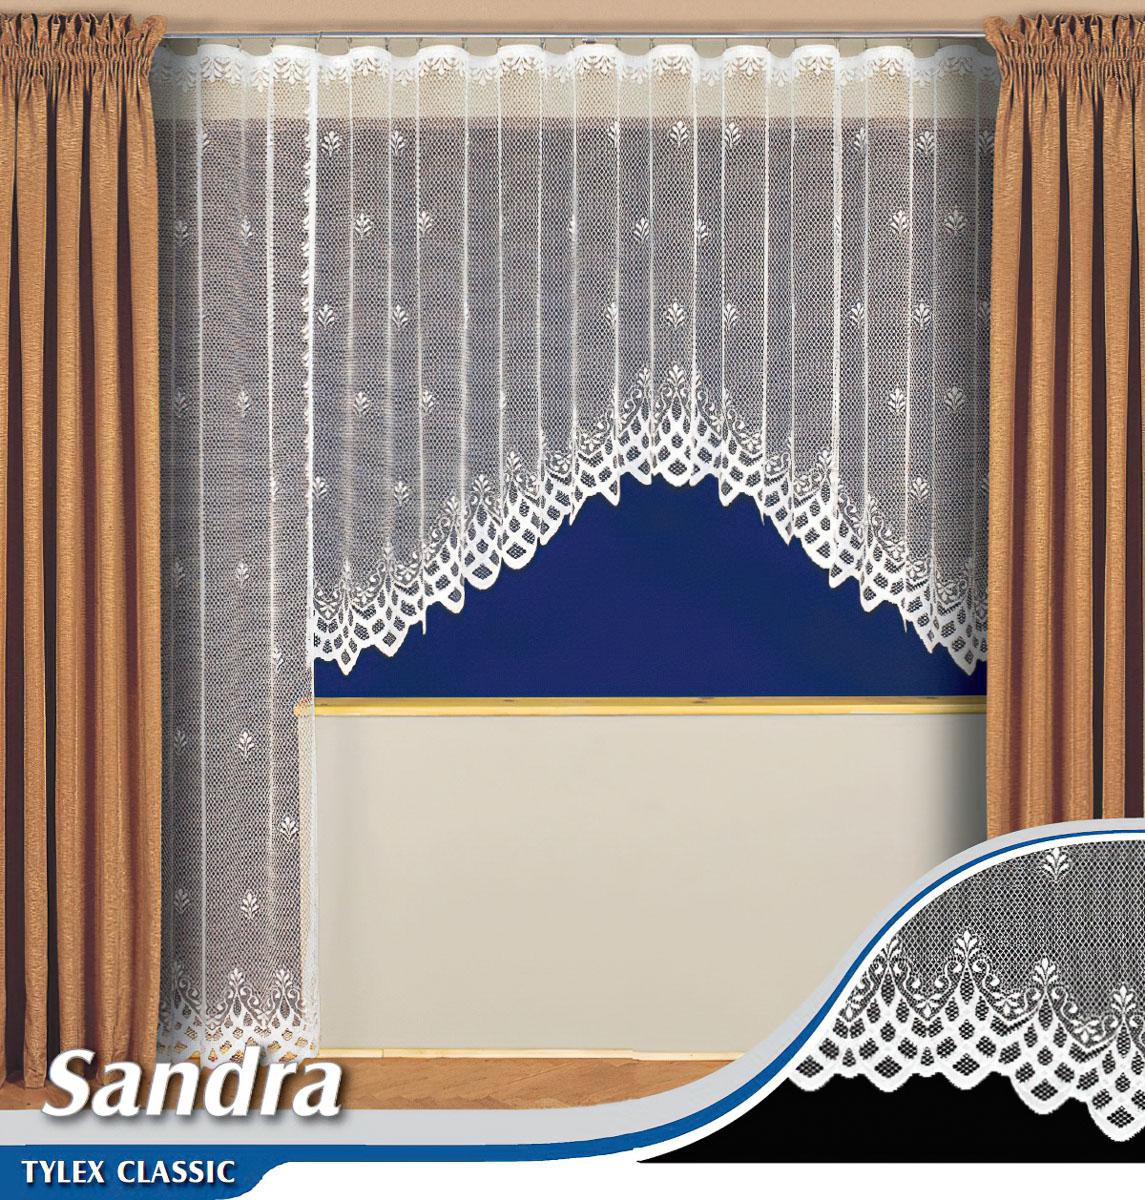 Tylex kusová záclona SANDRA K7137 jednobarevná bílá, výška 250 cm x šířka 180 cm (na dveř